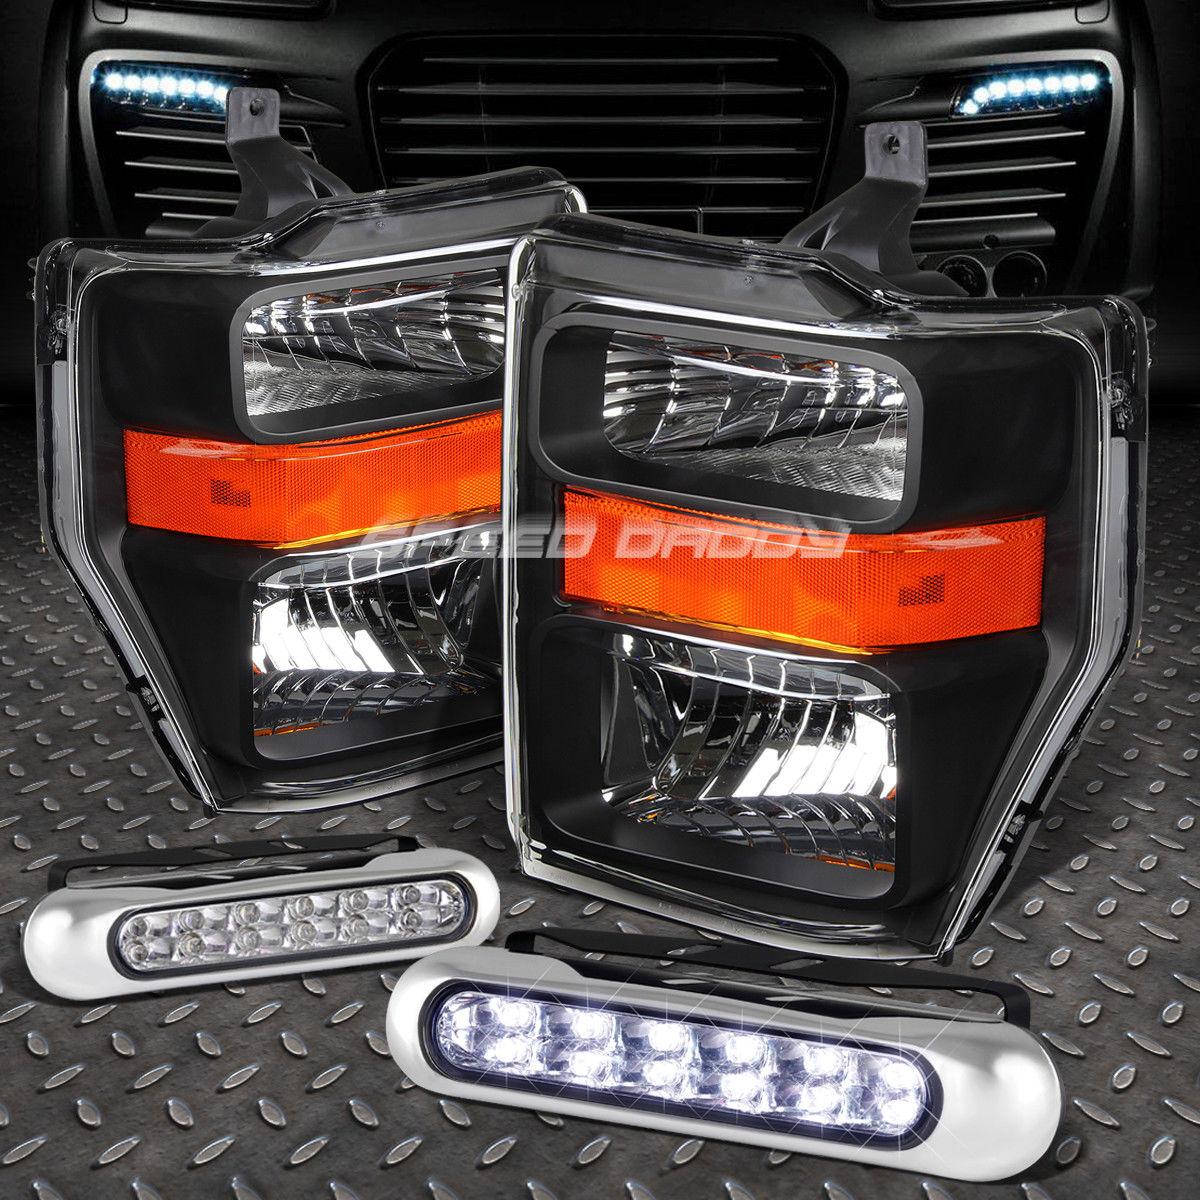 フォグライト BLACK HOUSING HEADLIGHT AMBER CORNER+12 LED GRILL FOG LIGHT FOR 08-10 SUPERDUTY ブラックハウジングヘッドライトアンバーコーナー+ 08-10スーパーライト用12グリルフォグライト